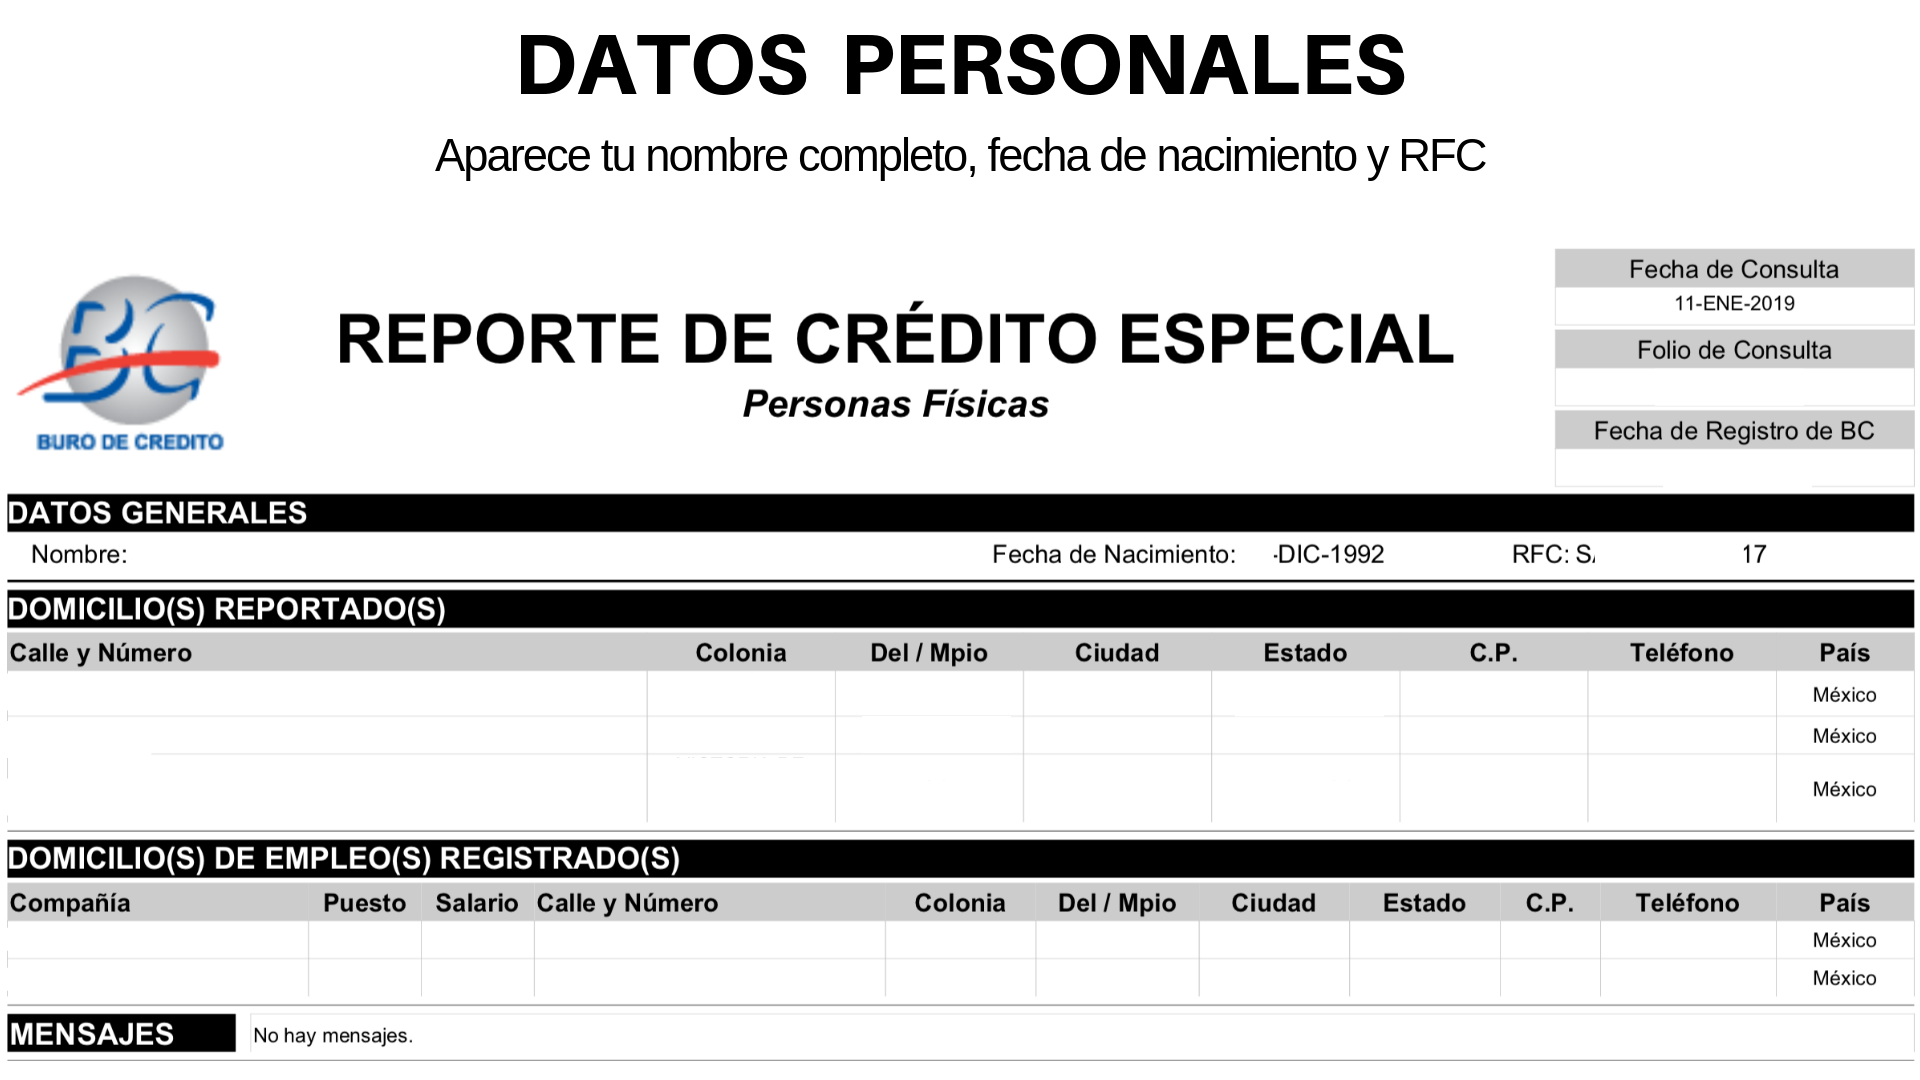 Datos personales - reporte de crédito especial